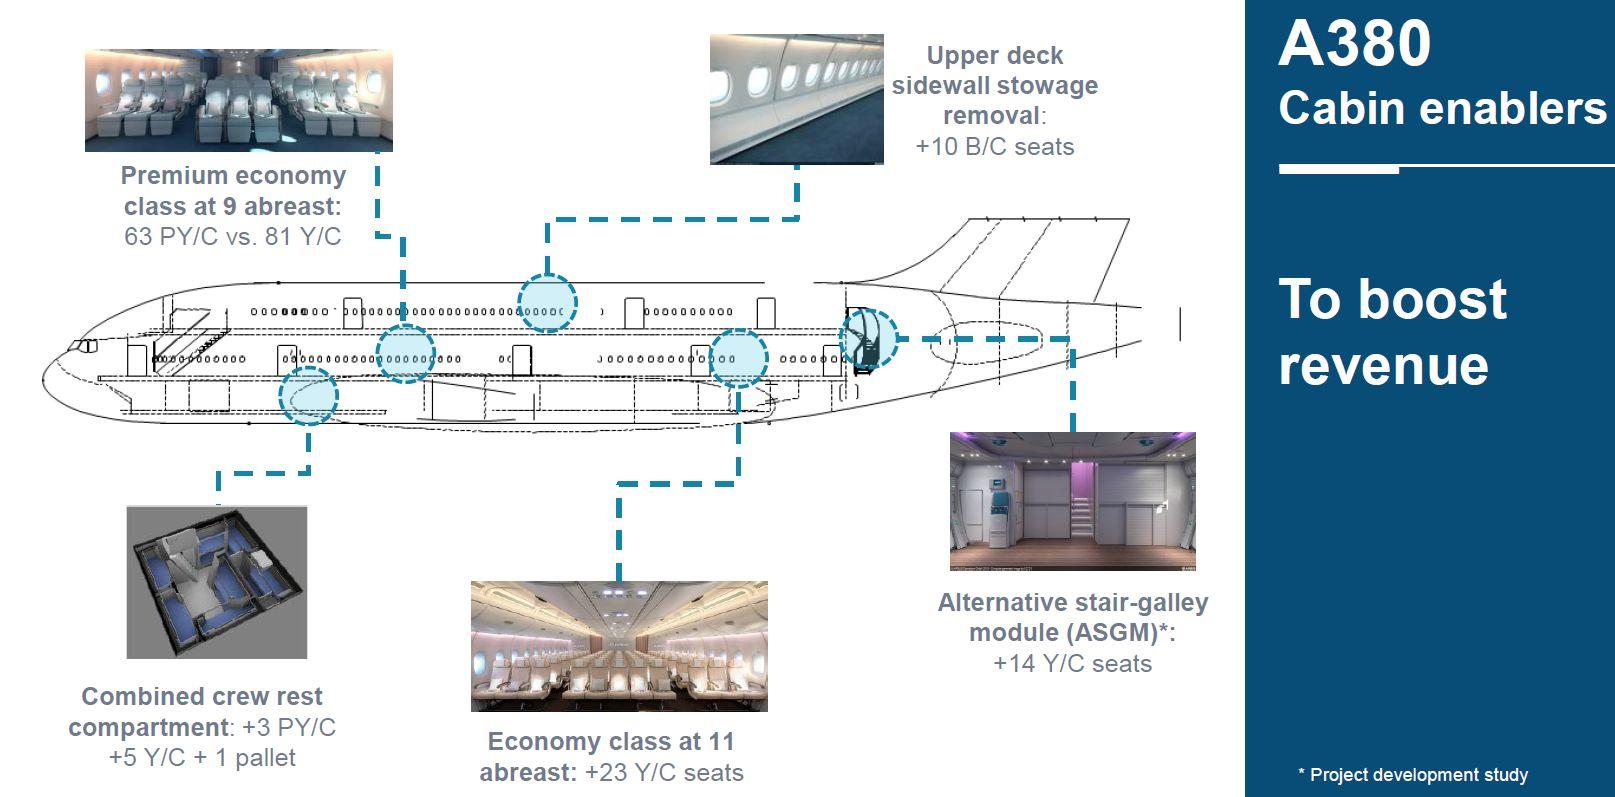 Airbus slide